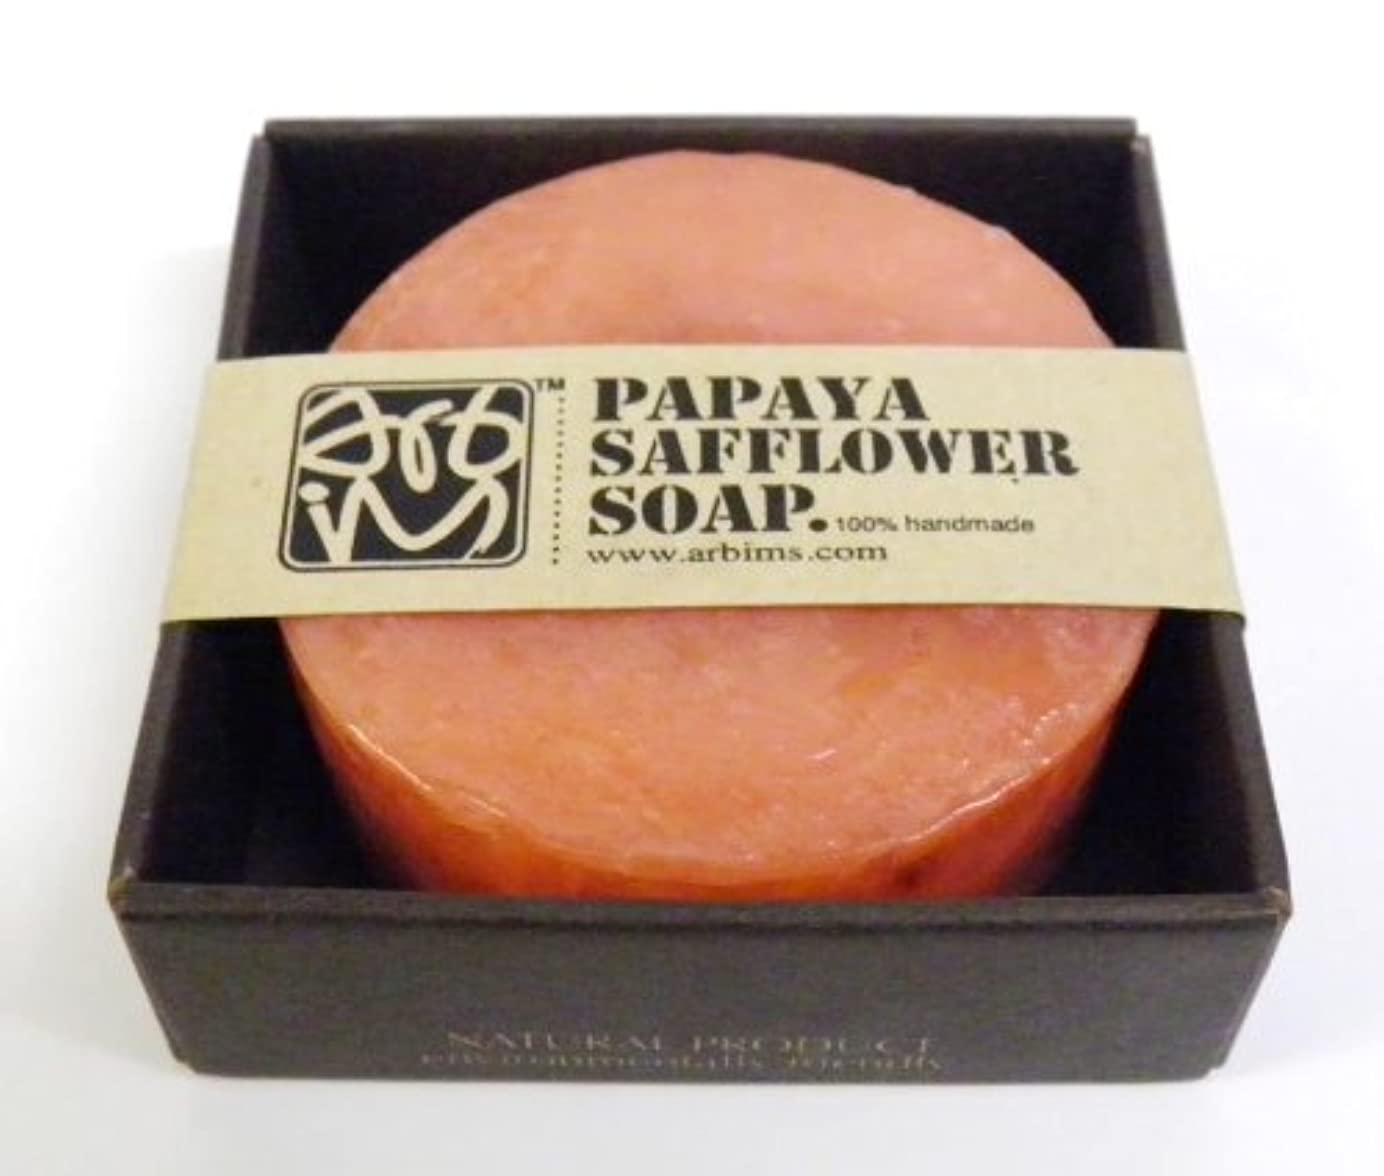 規制コウモリまさにerb-im タイ ナチュラルソープ (PAPAYA SAFFLOWER パパイヤ)